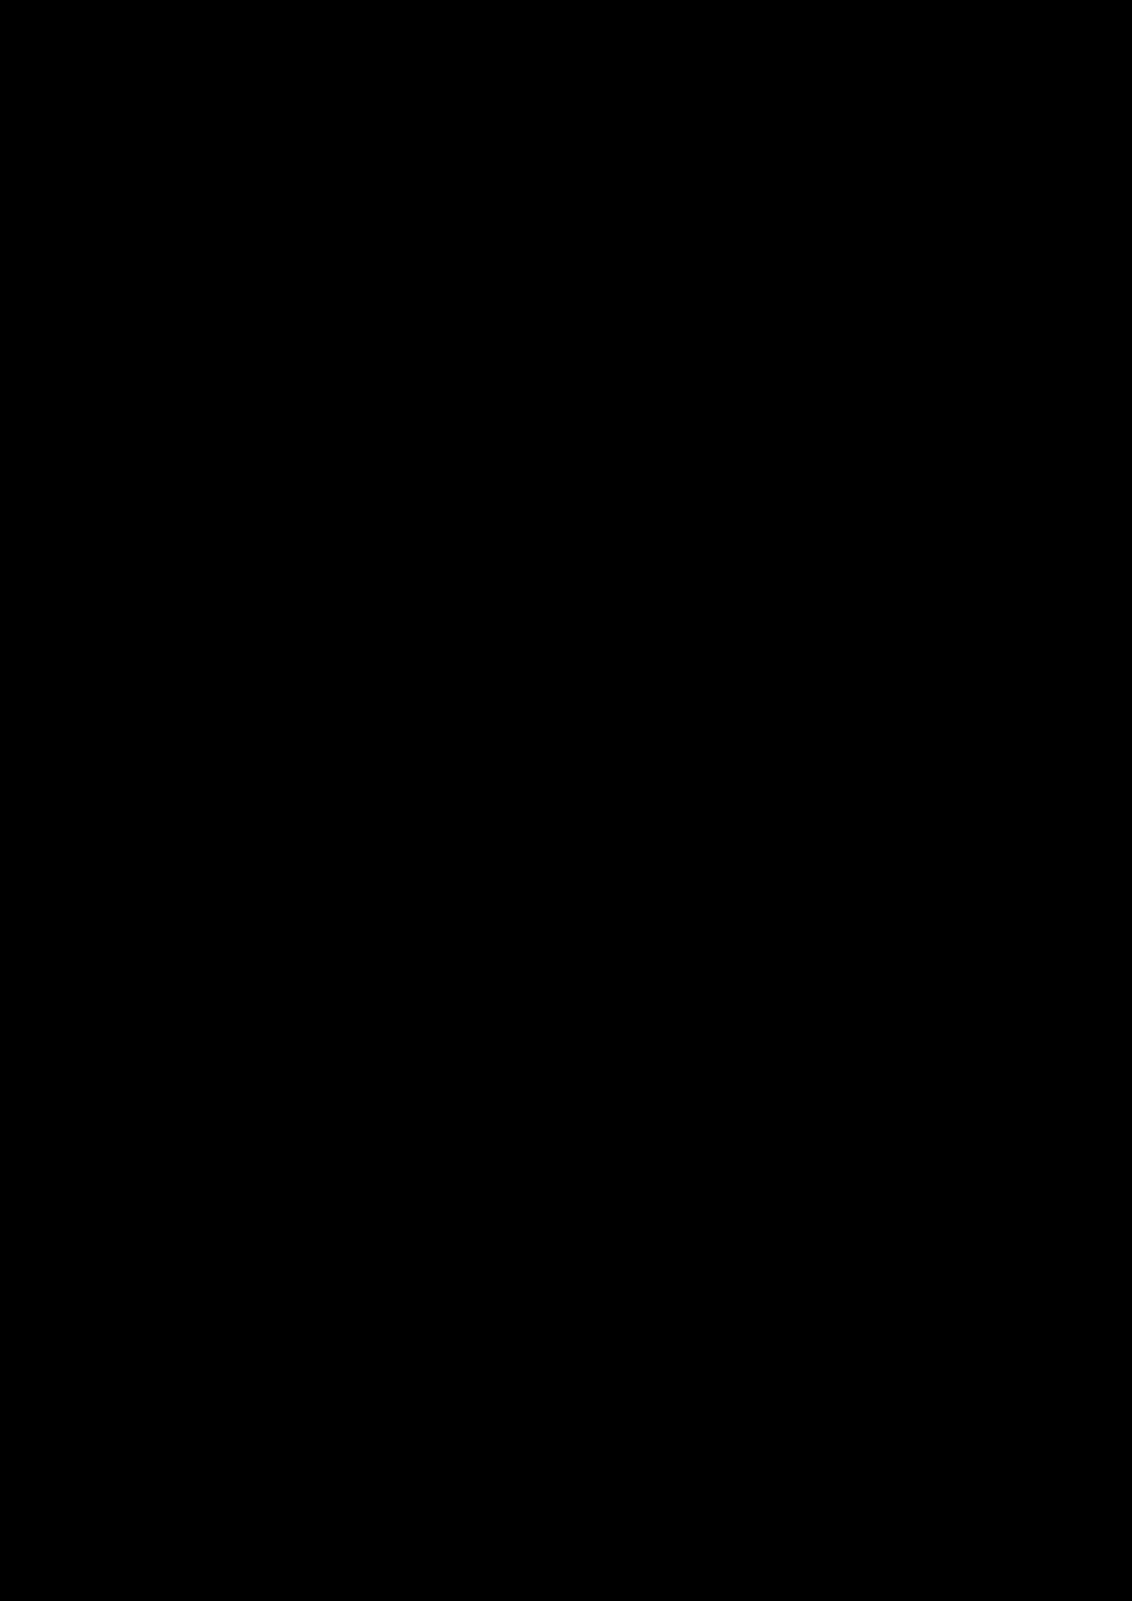 Zagadka volshebnoy stranyi slide, Image 89